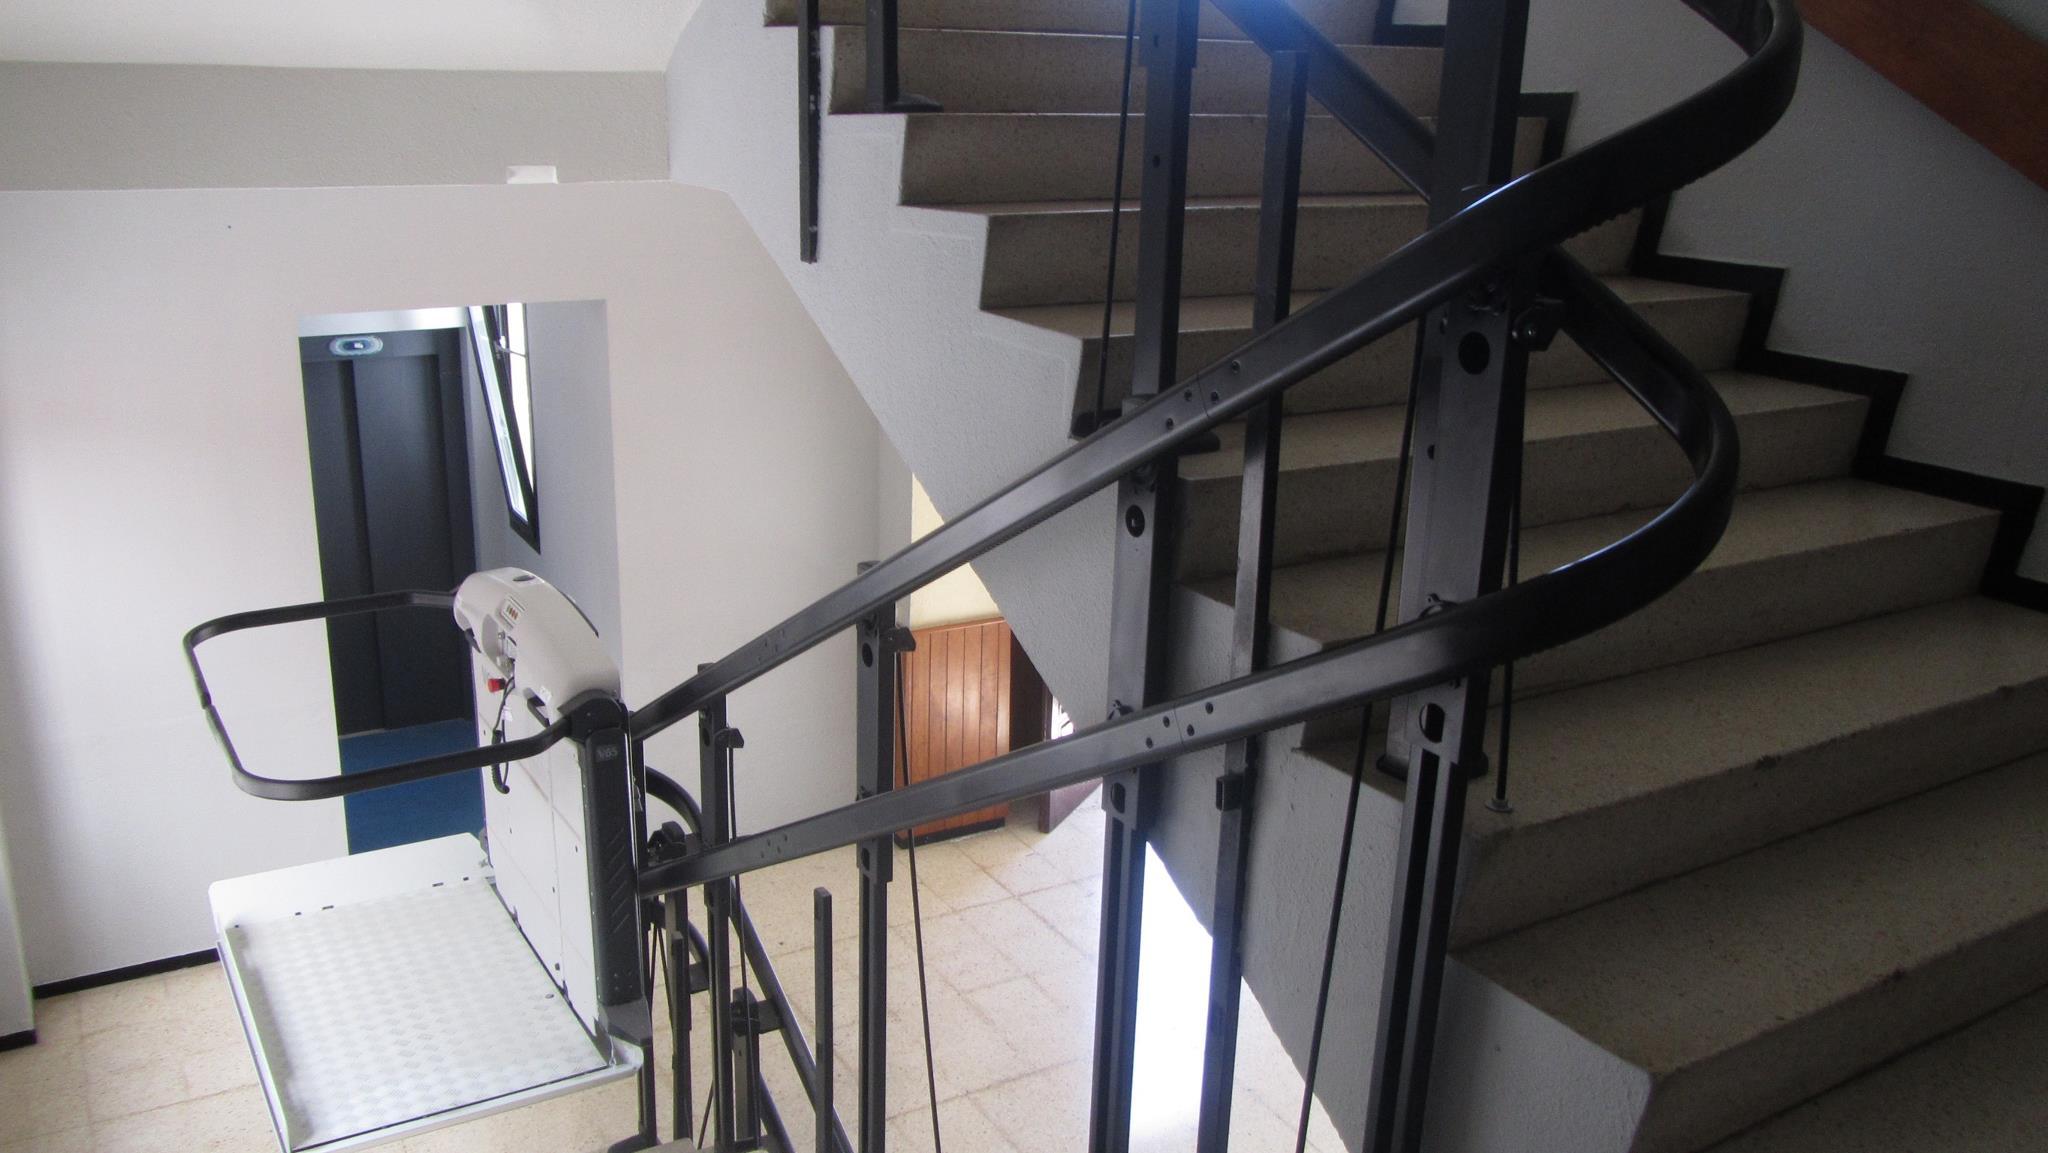 Foto 12 de Venta, instalación y reparaciones de aparatos elevadores en Tegueste | Mobiliteg Solutions